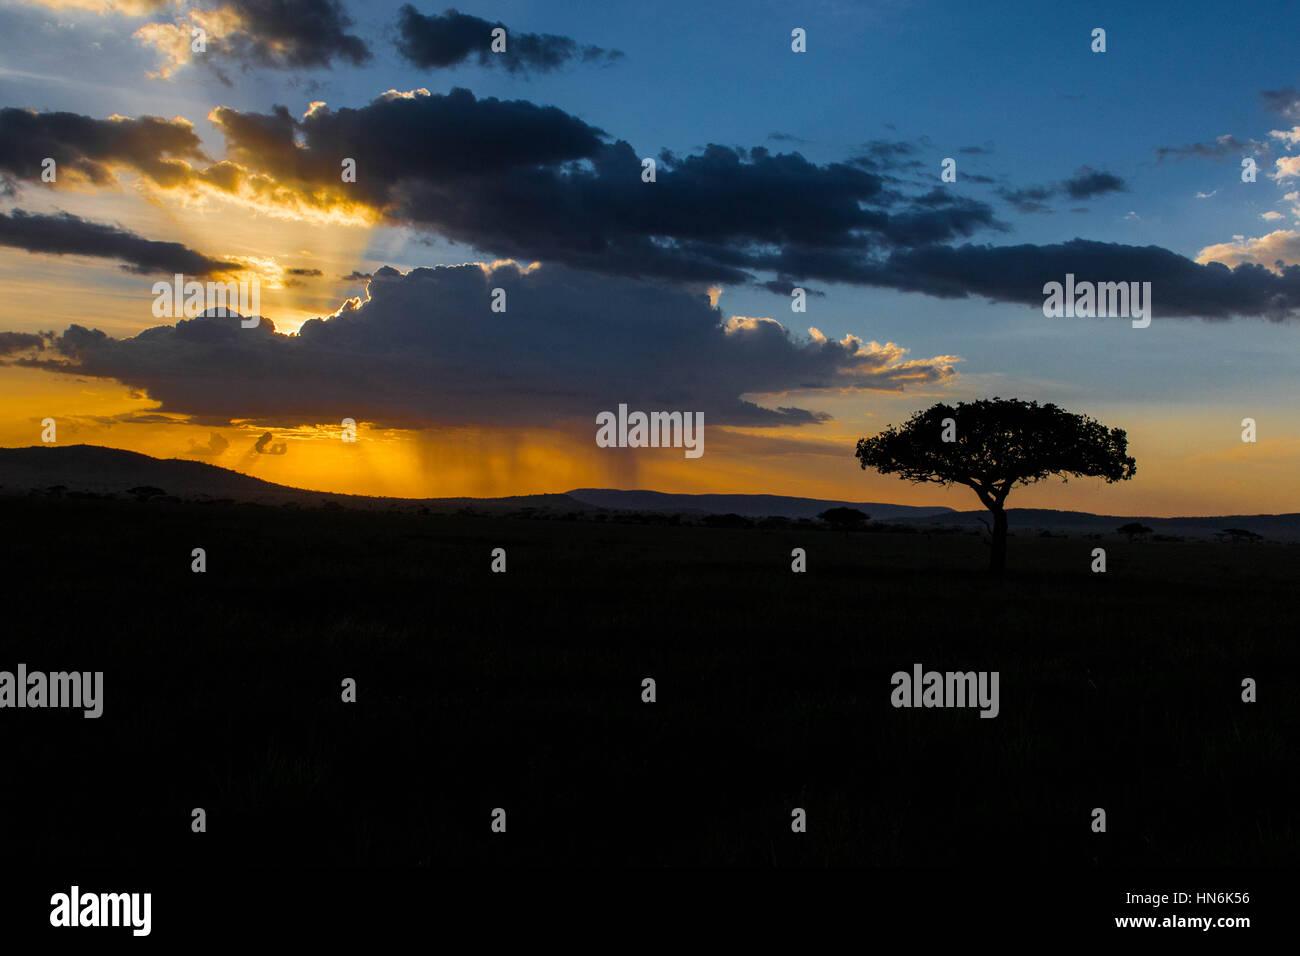 Struttura SERENGETI Silhouette con tramonto Africano nel Parco Nazionale del Serengeti, Tanzania Africa Immagini Stock